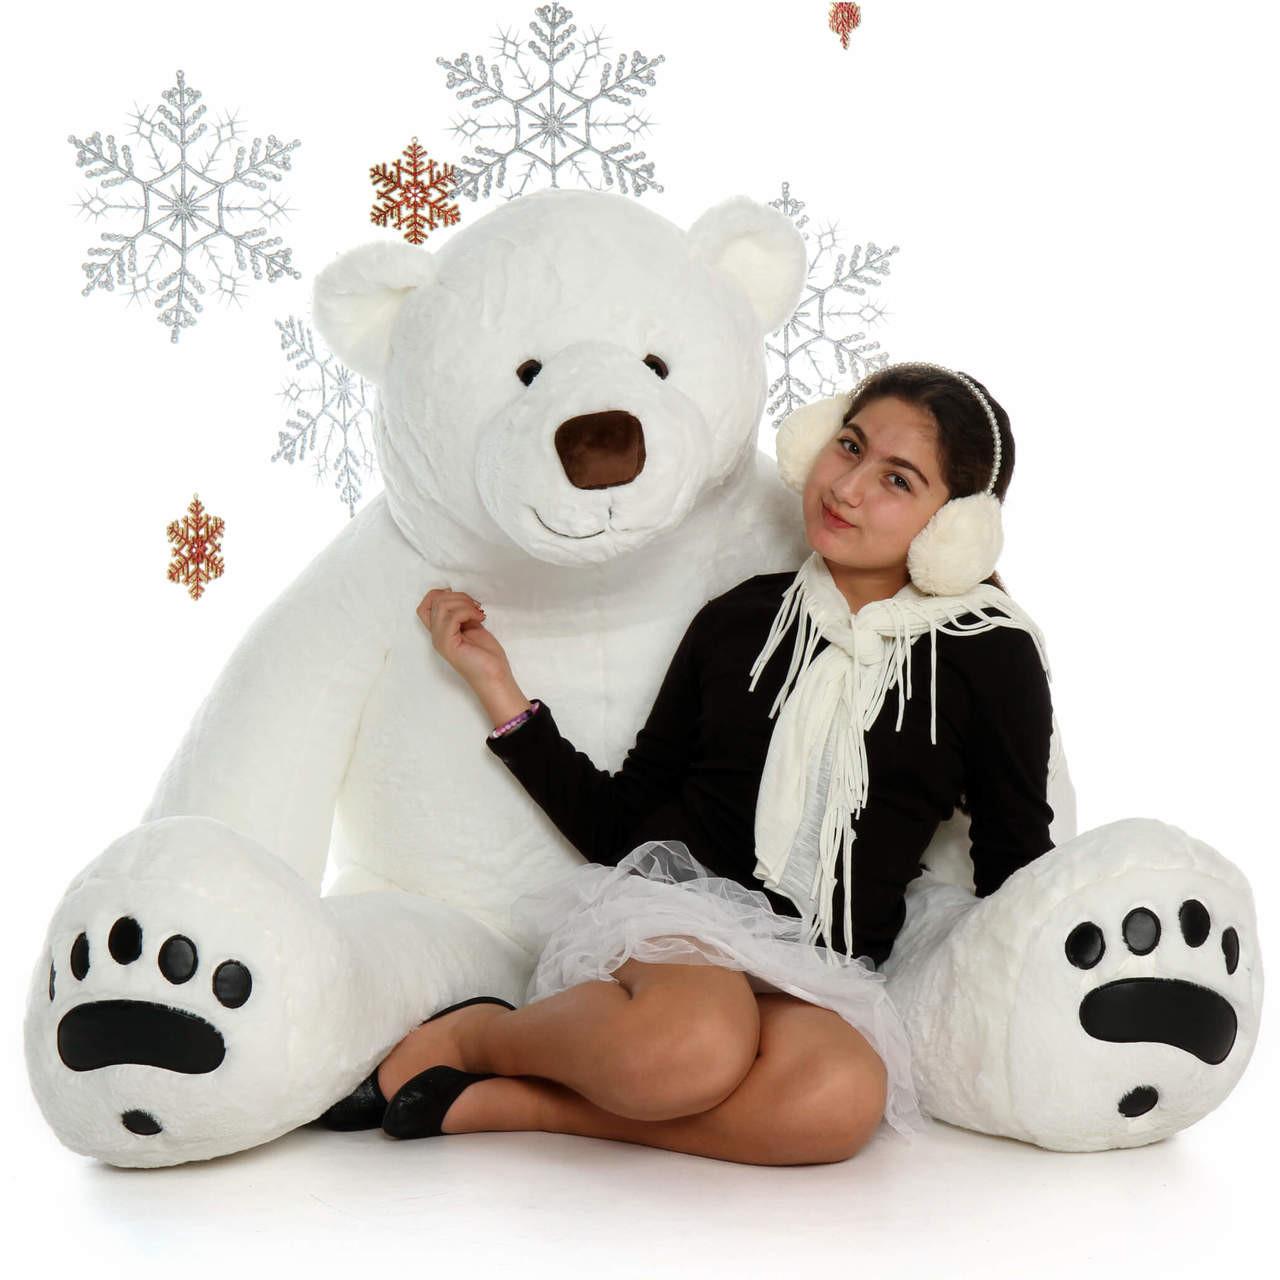 World's Largest Polar Bear Giant Teddy Brand Huge Life-Size Polar Bear